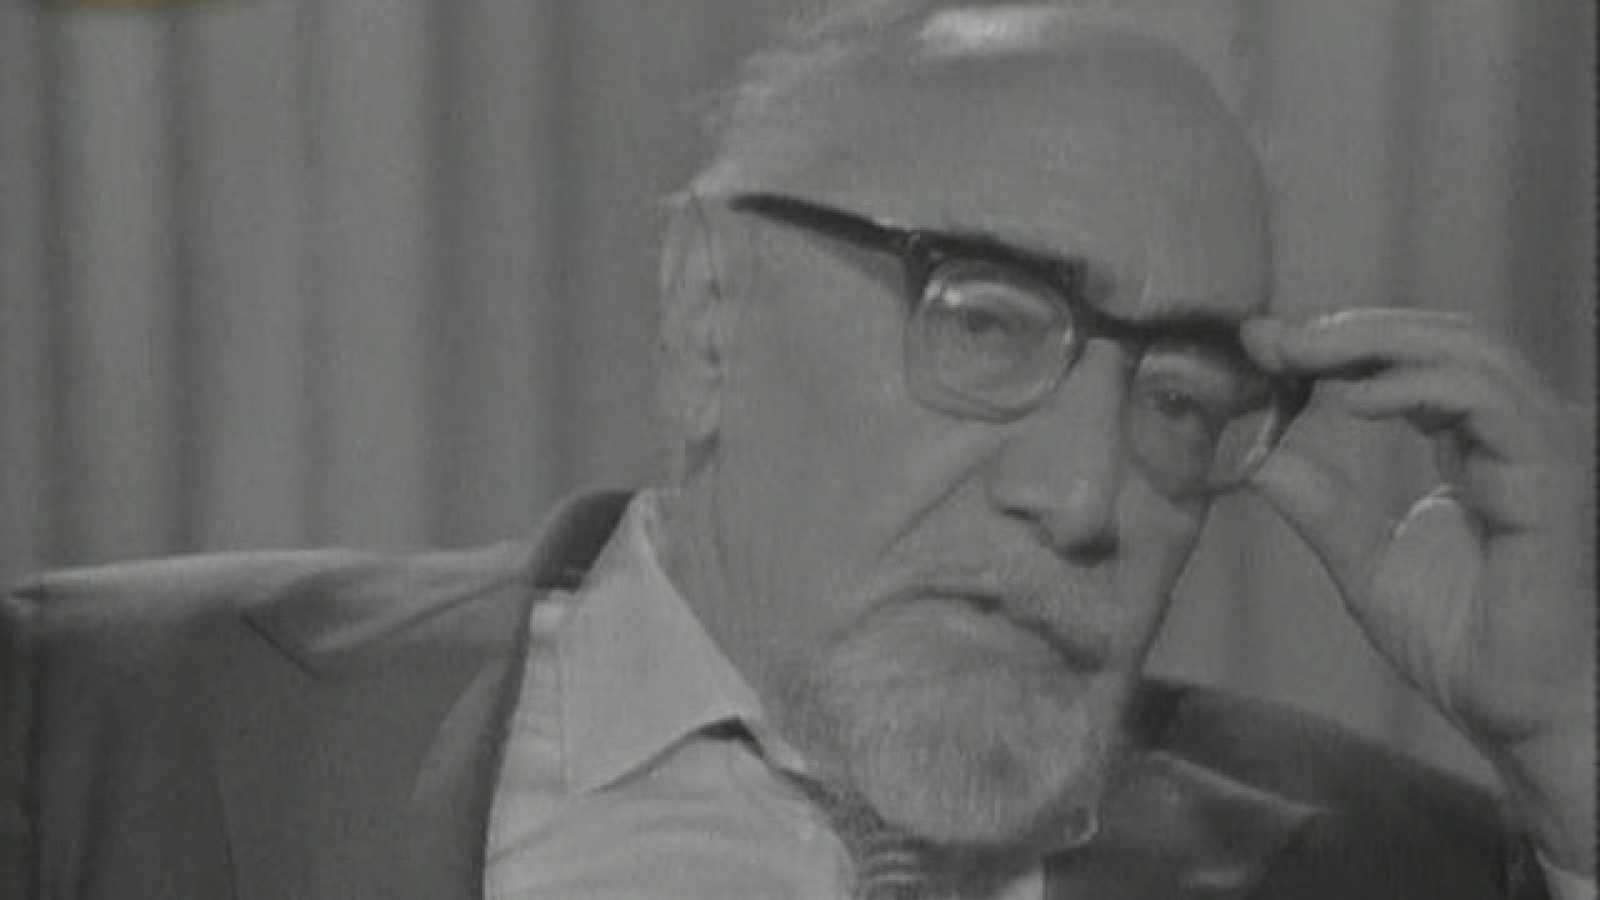 Sender durante su entrevista con Joaquín Soler Serrano